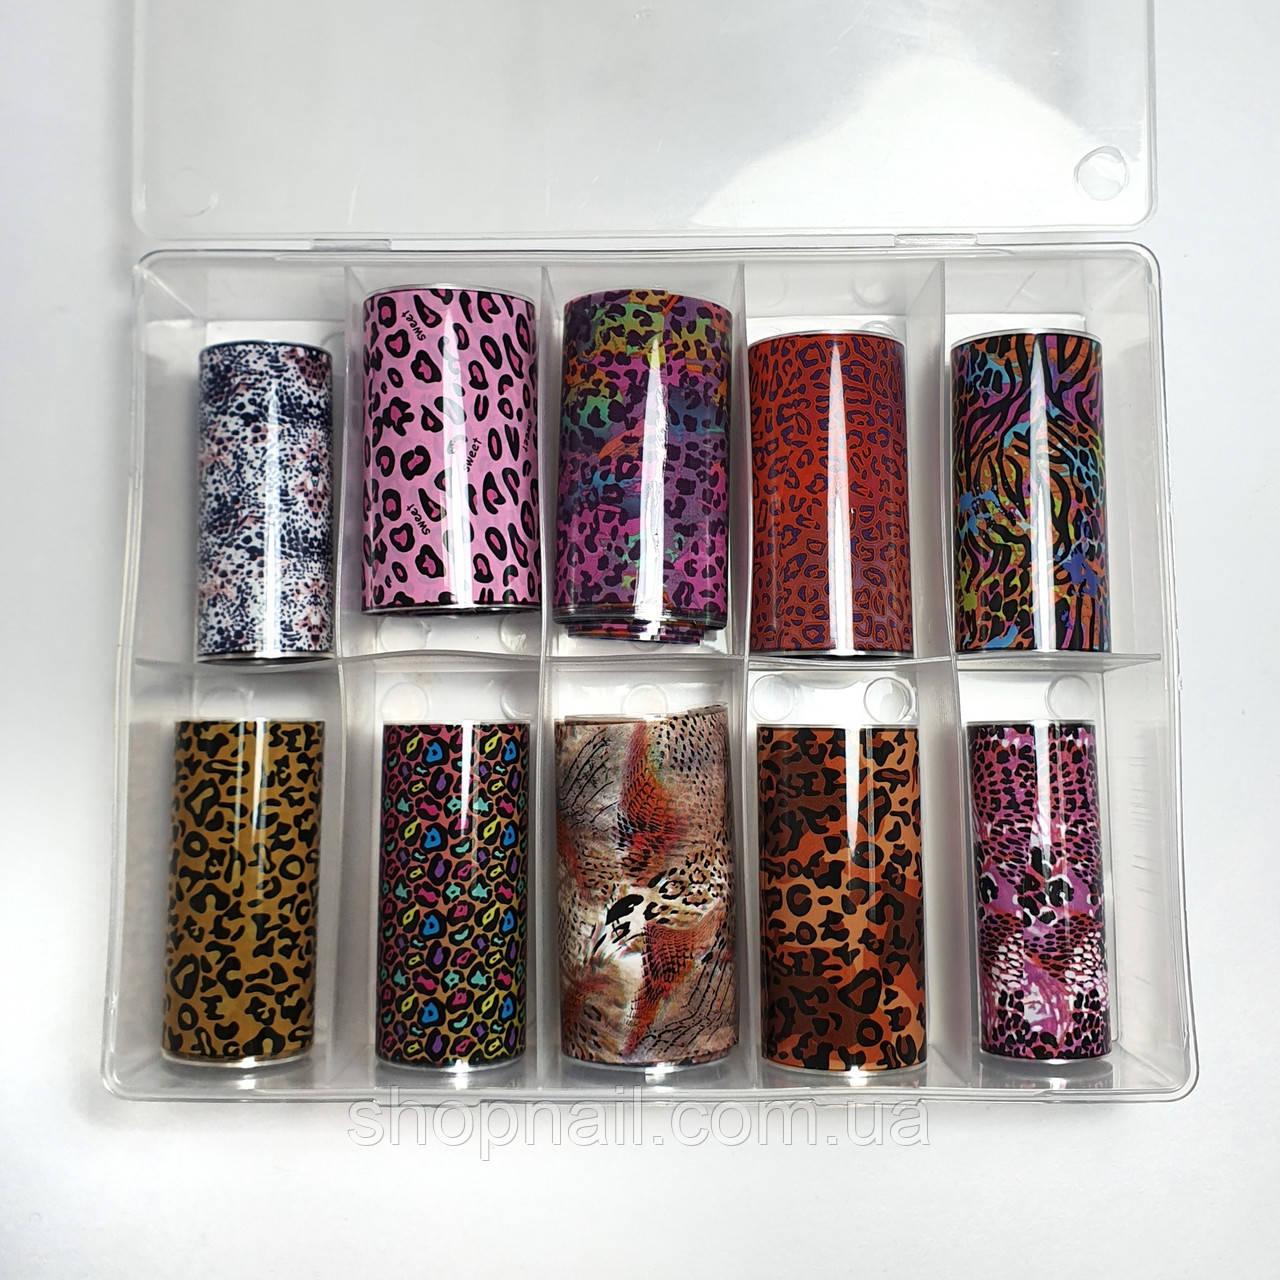 Набор фольги для маникюра,10 штук в коробке